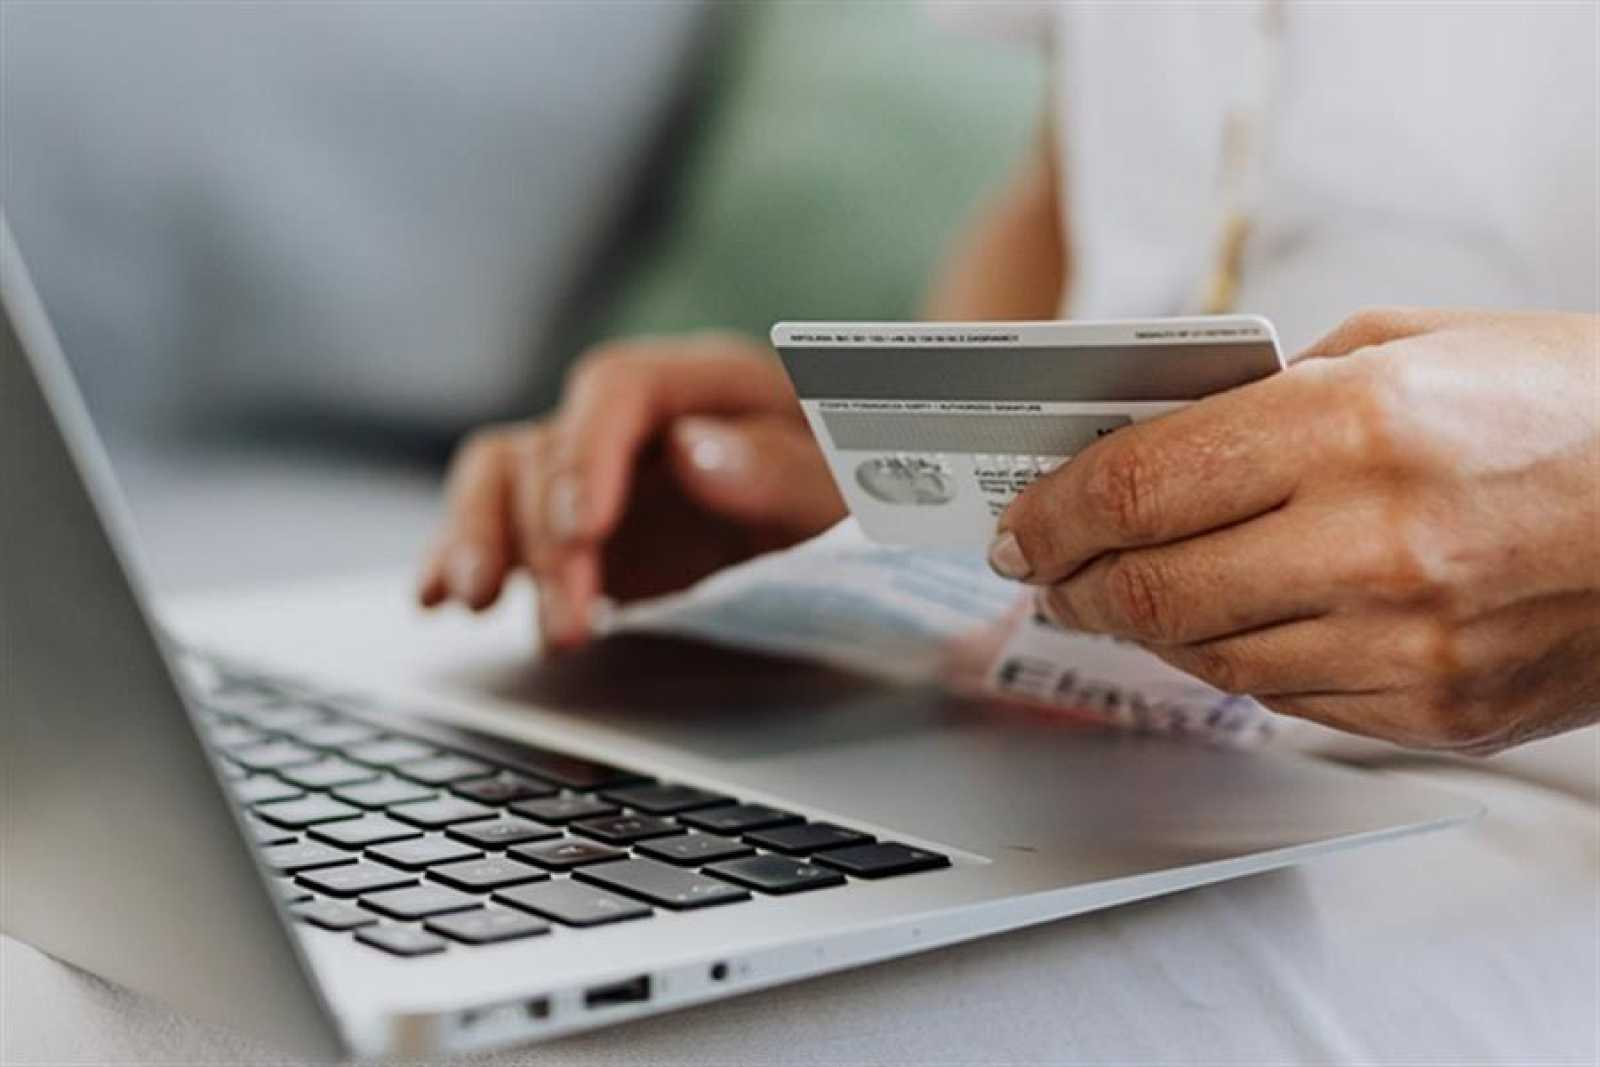 Permitirá a Consumo poder sancionar la publicidad encubierta o reseñas falsas